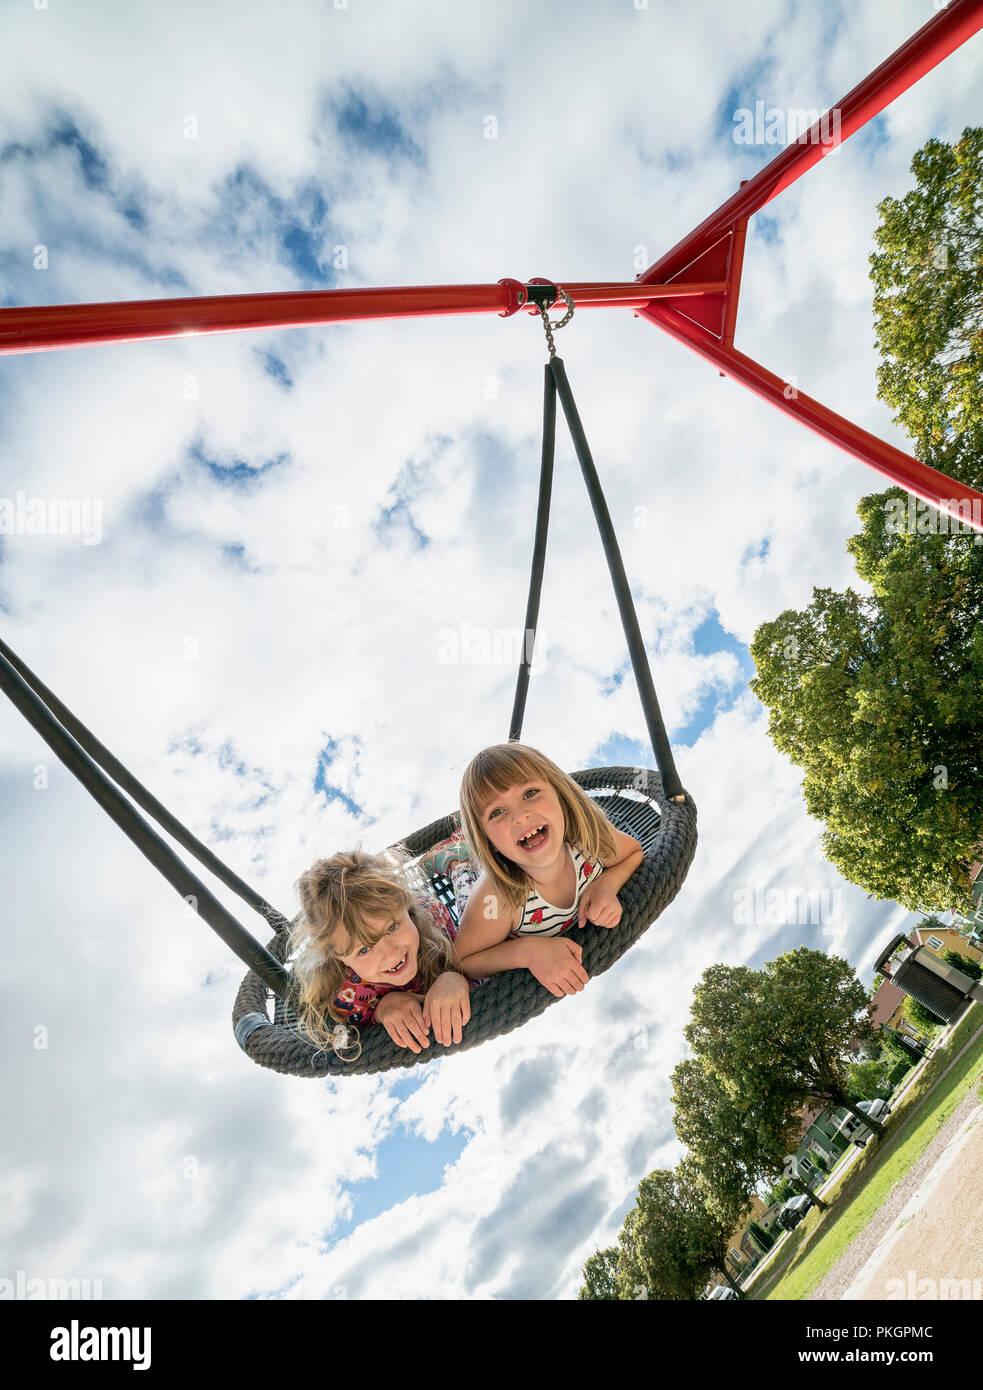 Due giovani ragazze in un altalena divertendosi e giocando in un parco giochi. Immagini Stock